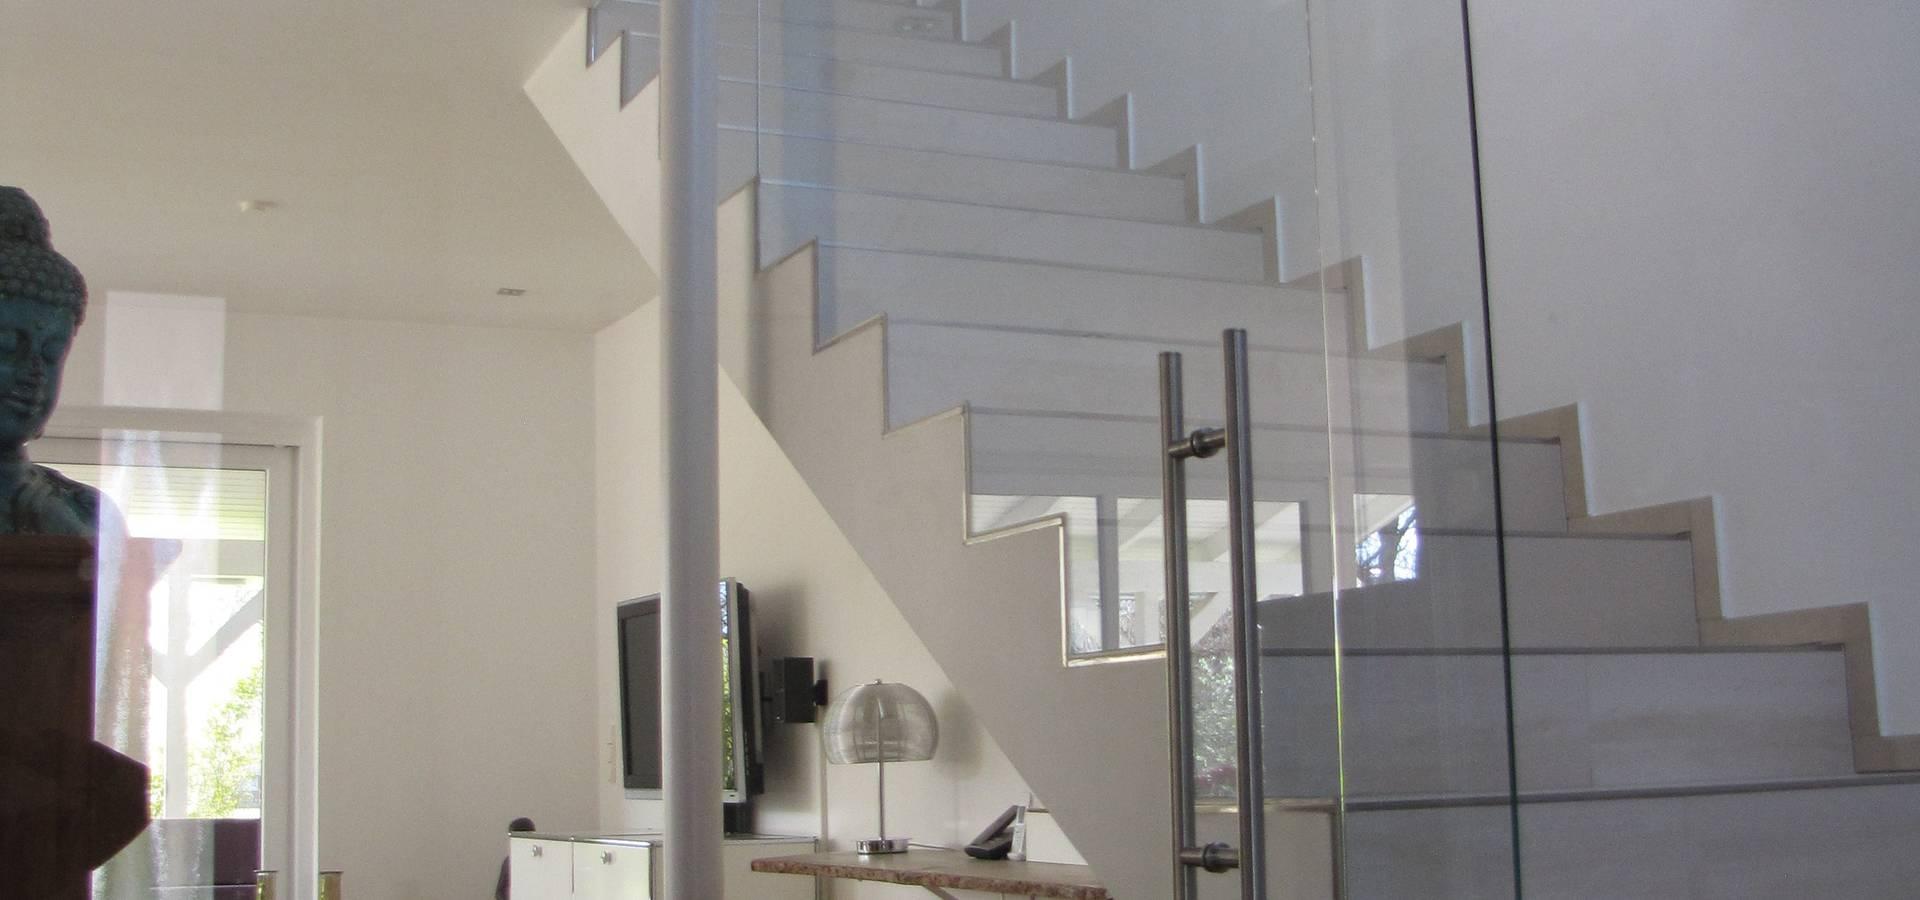 glas küchenrückwand mit motiv für landhausküche by rw lifestyle ... - Glas Für Küchenrückwand